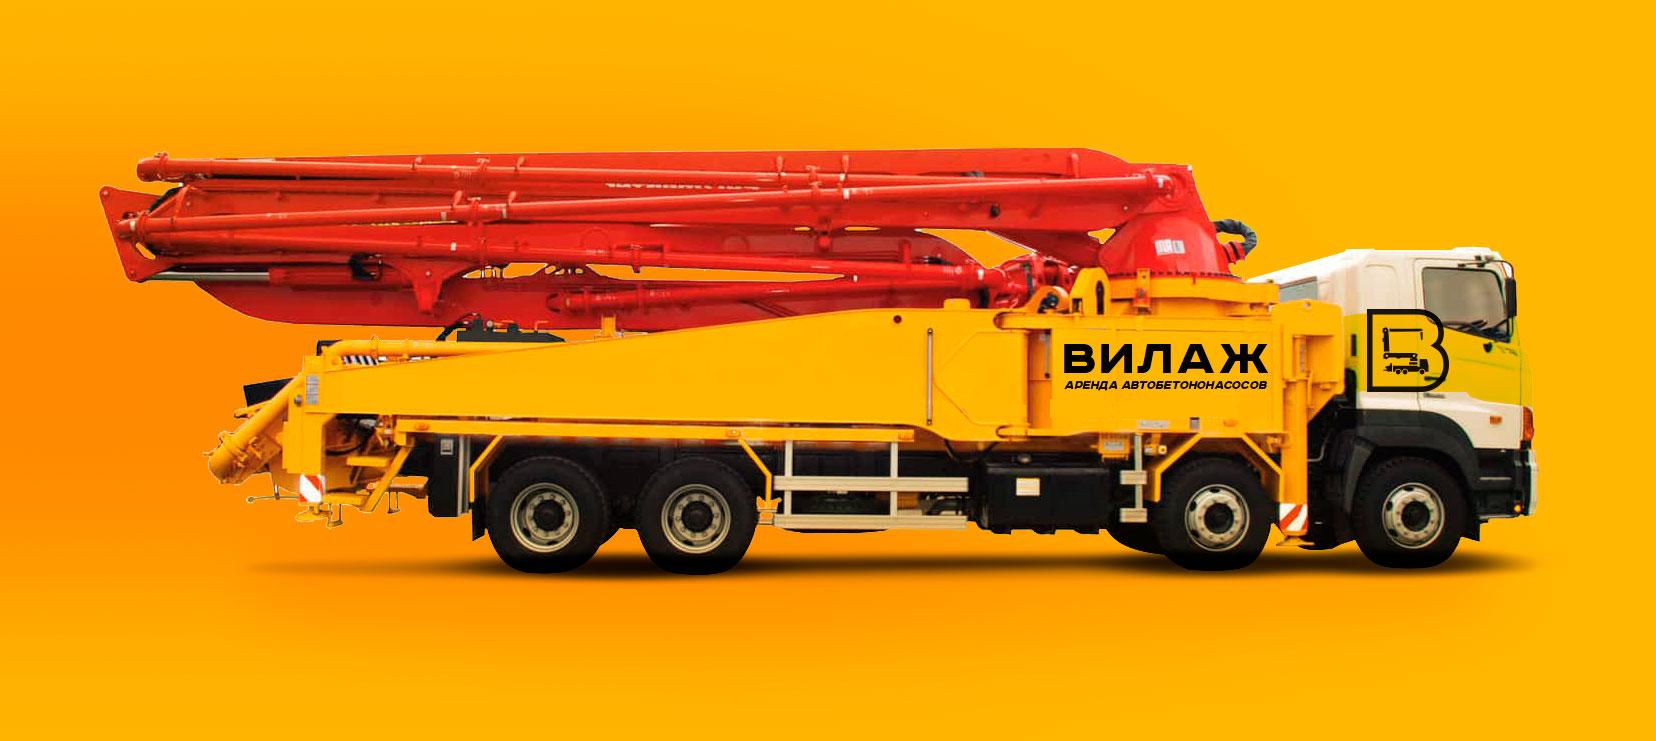 Логотип для компании по аренде спец.техники фото f_443599952e14c65f.jpg